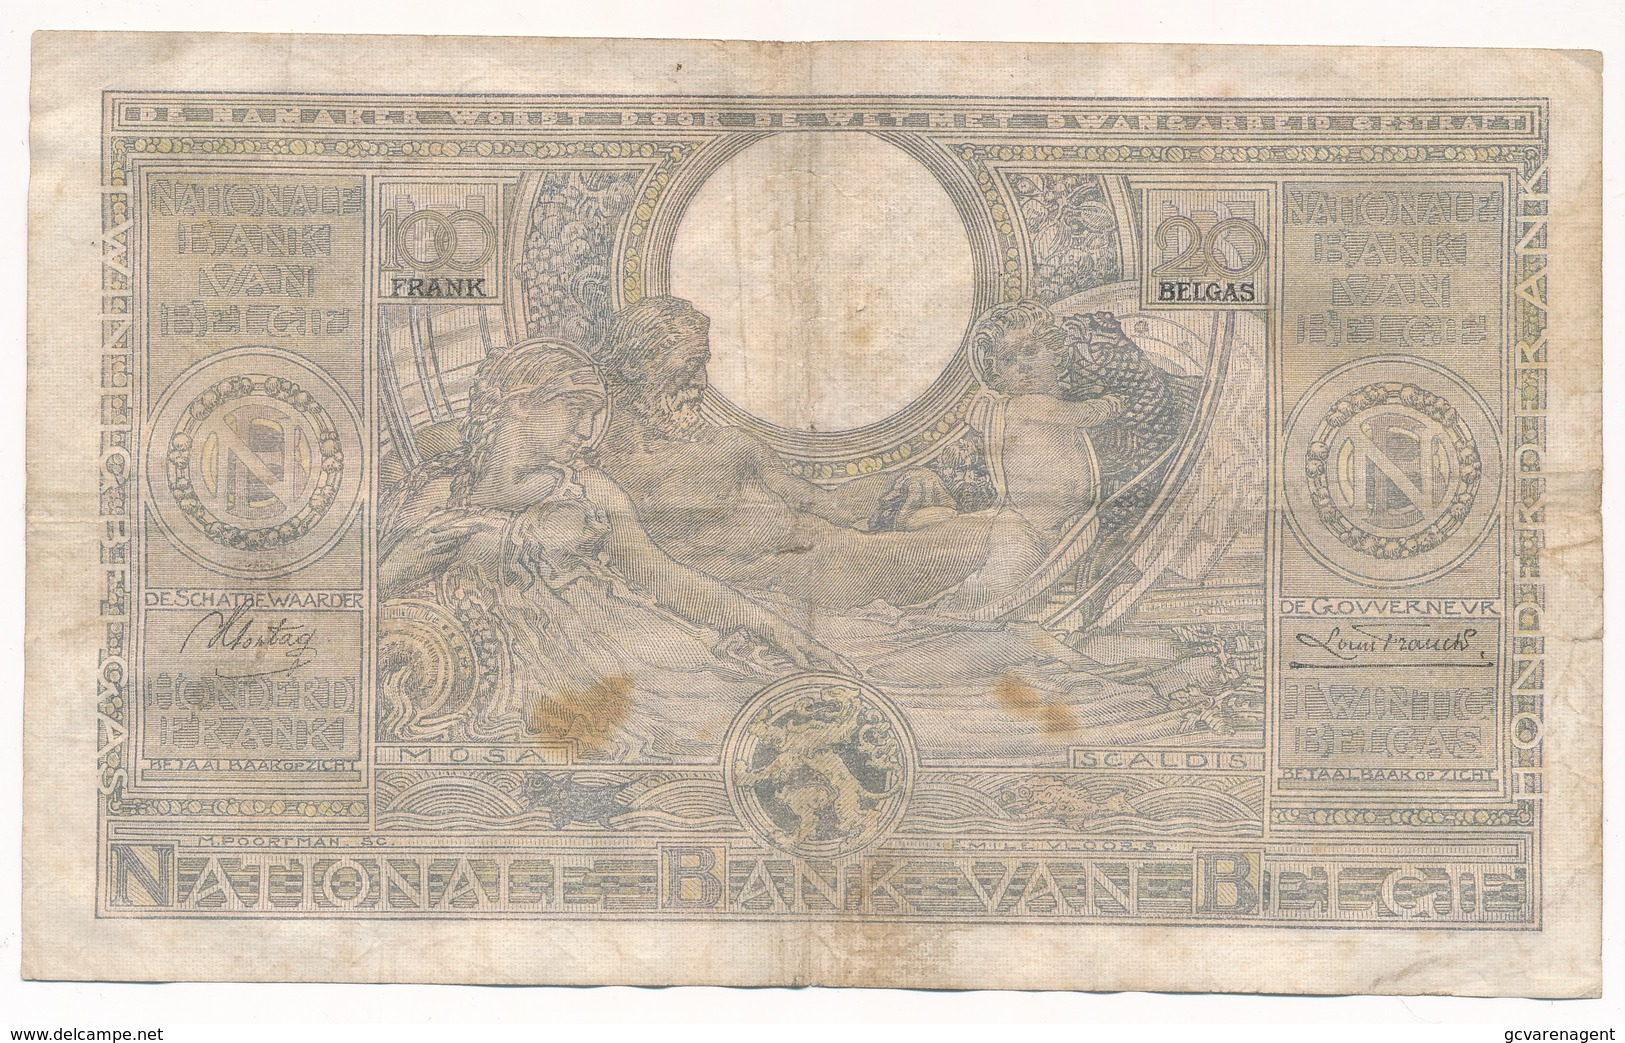 BELGIQUE 100 FRANCS-20 BELGAS 1936  - 2 SCANS - [ 2] 1831-... : Belgian Kingdom